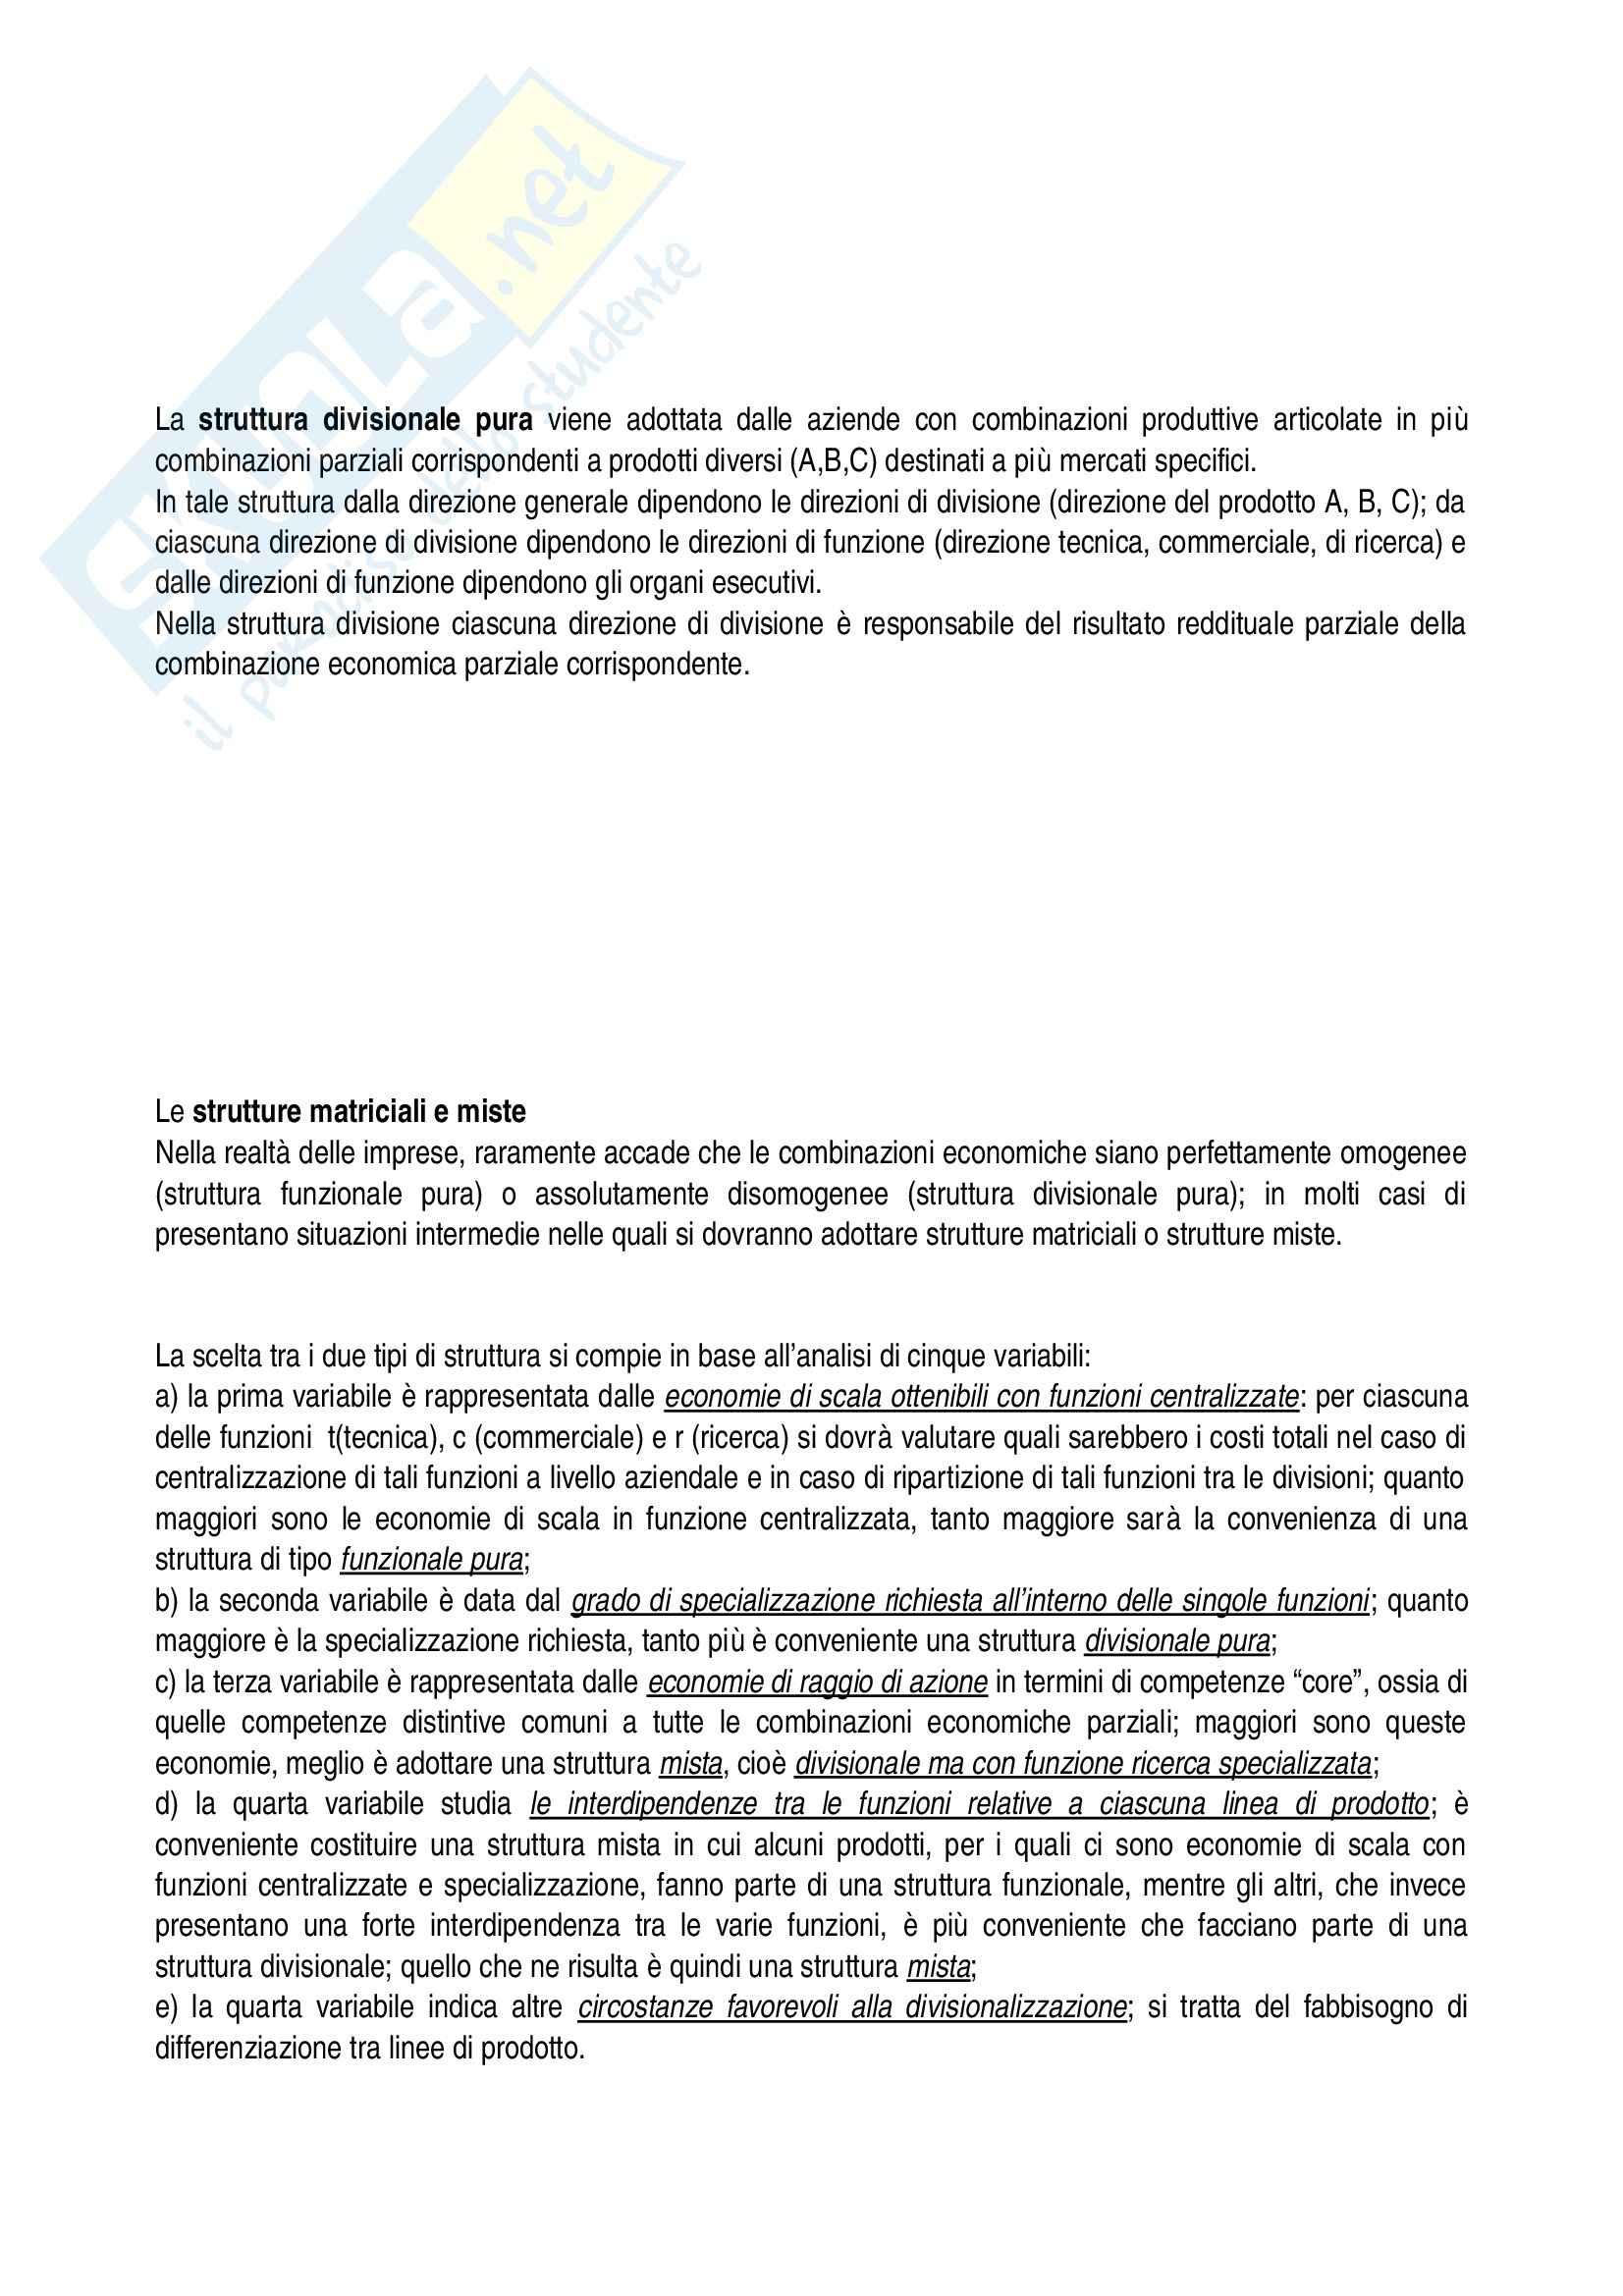 Riassunto esame Economia aziendale, prof. Confalonieri, libro consigliato Corso di economia aziendale, Airoldi, Brunetti, Coda Pag. 41